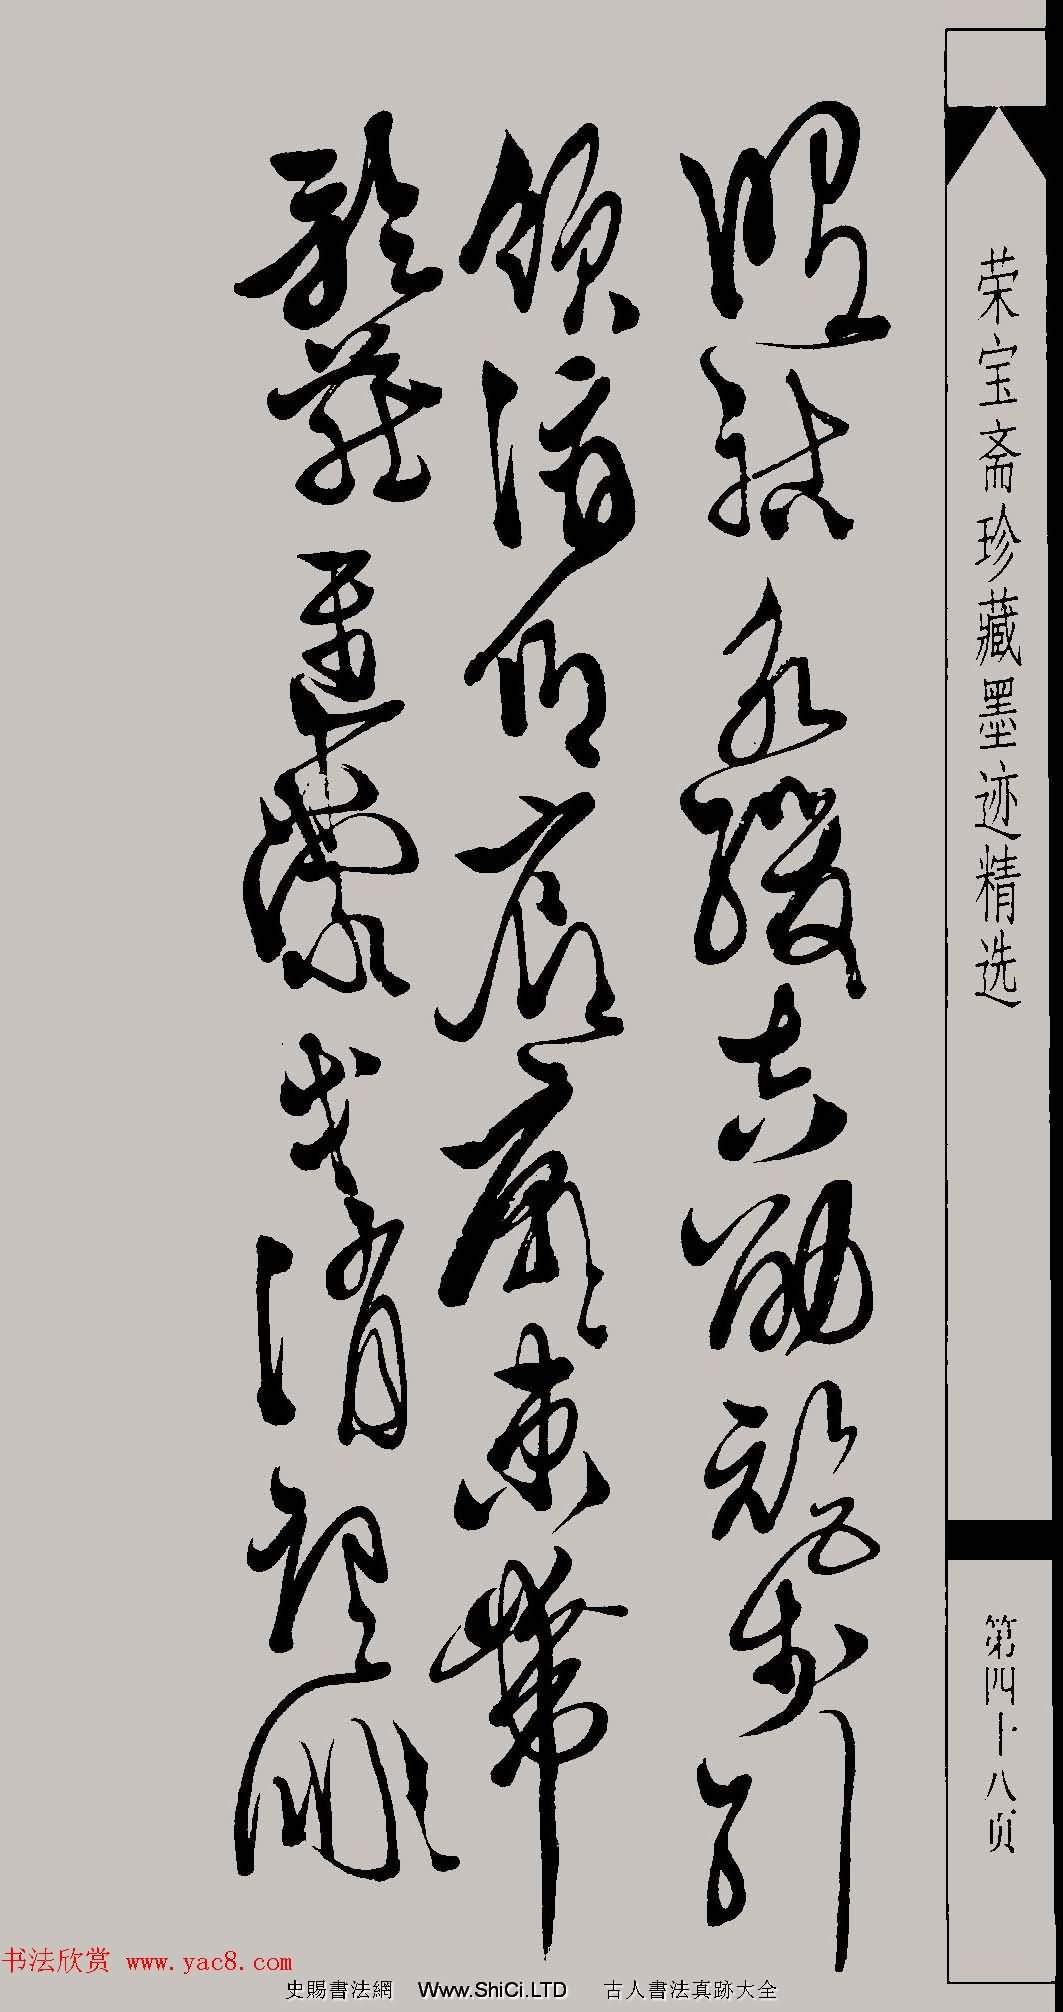 明代徐渭草書千字文高清晰書法圖片